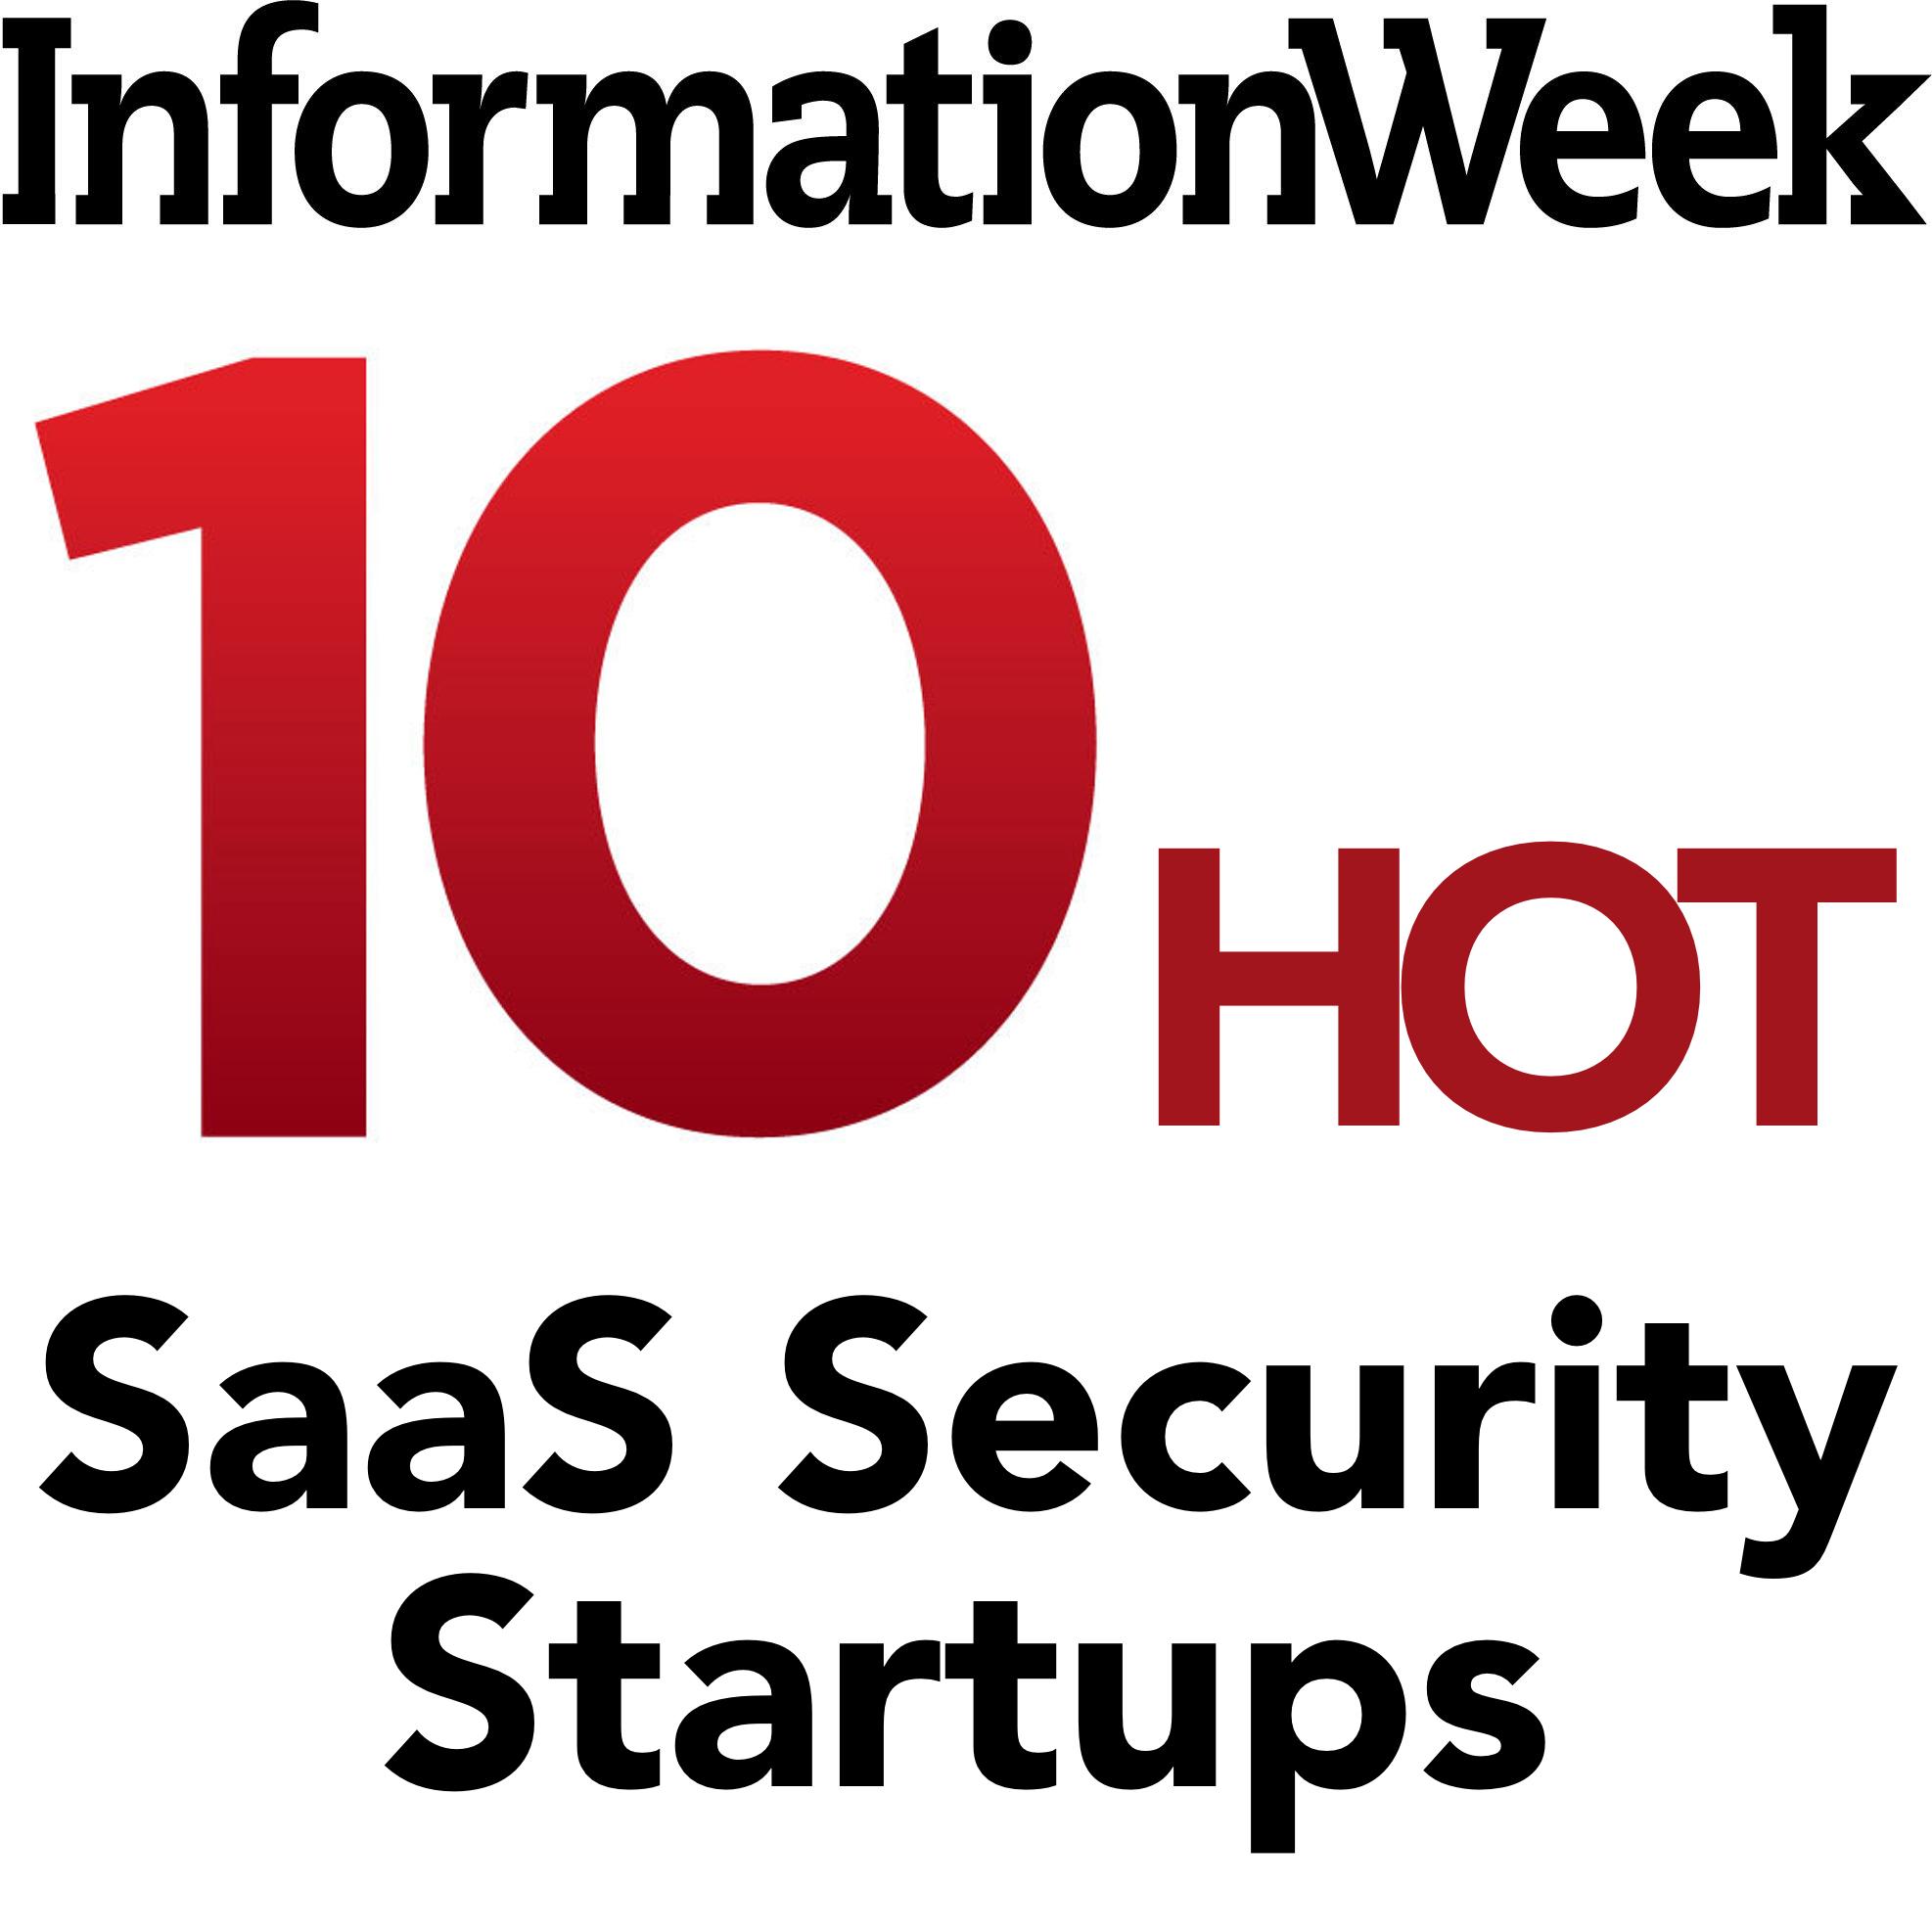 Information Week SaaS Security awards Avanan